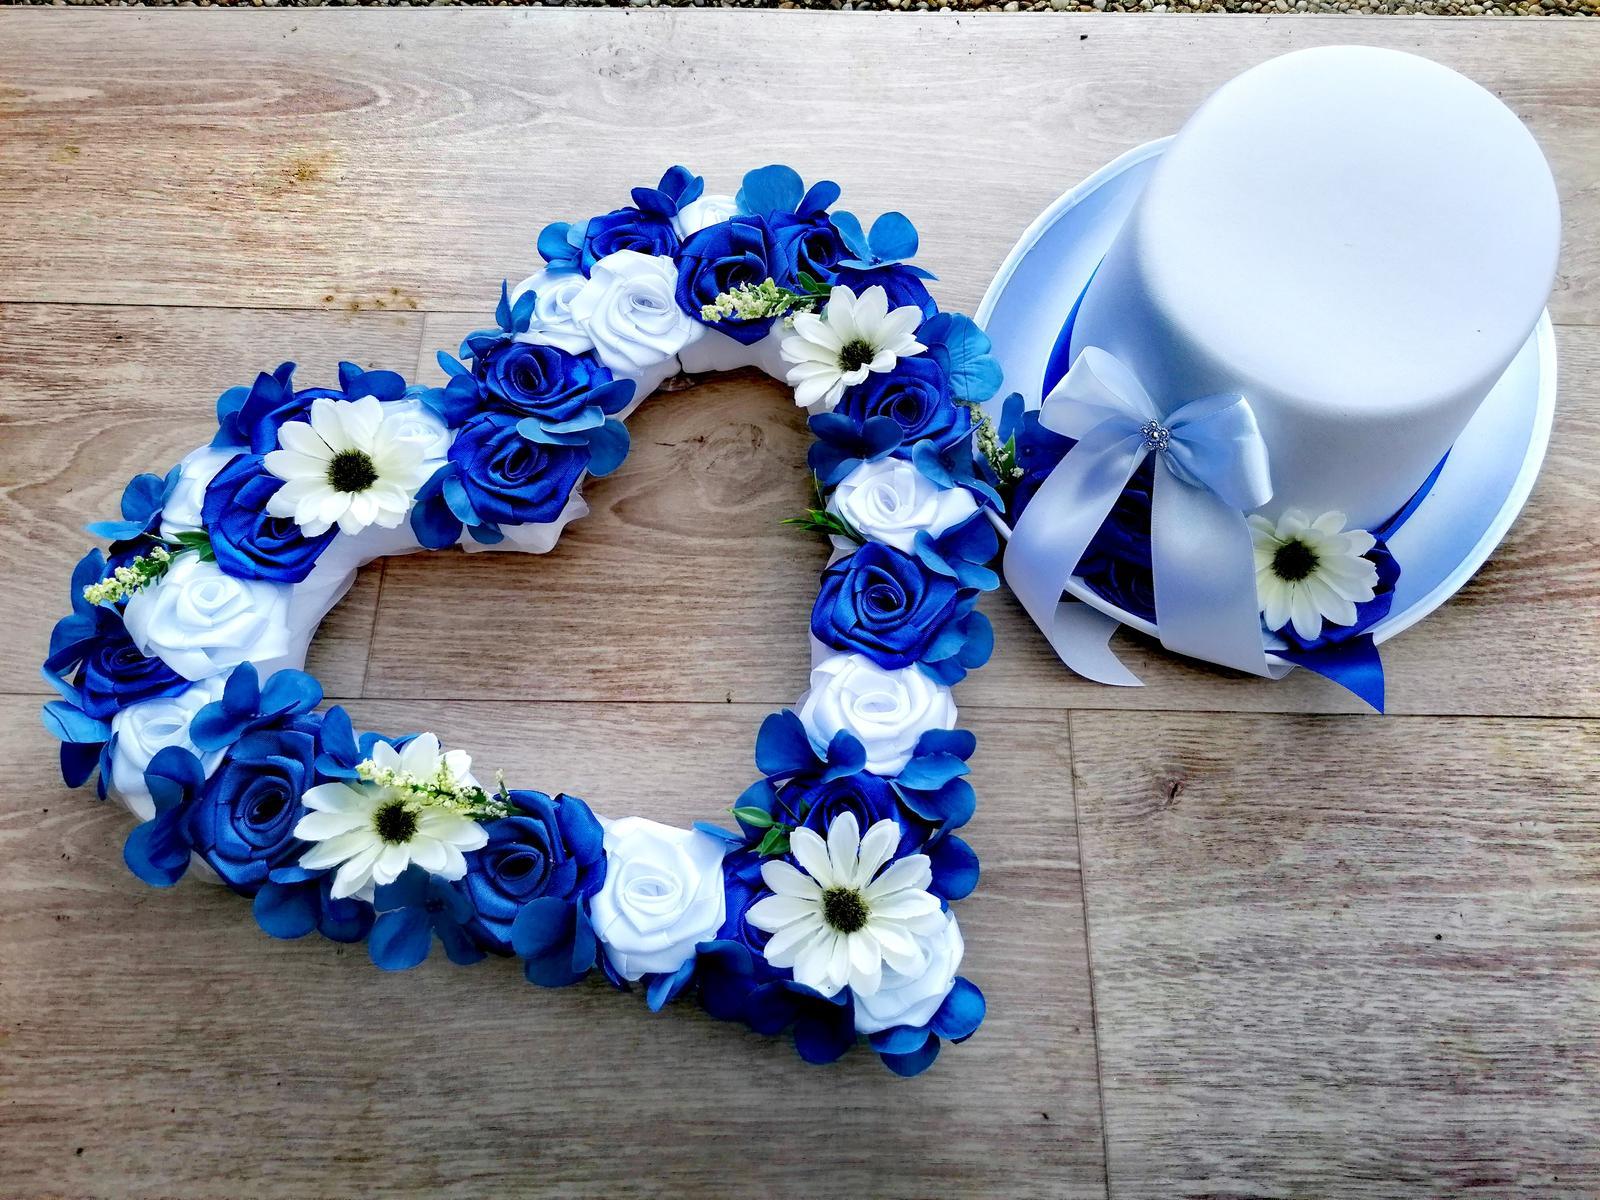 Výzdoba na auto nevěsty a ženicha - Obrázek č. 1